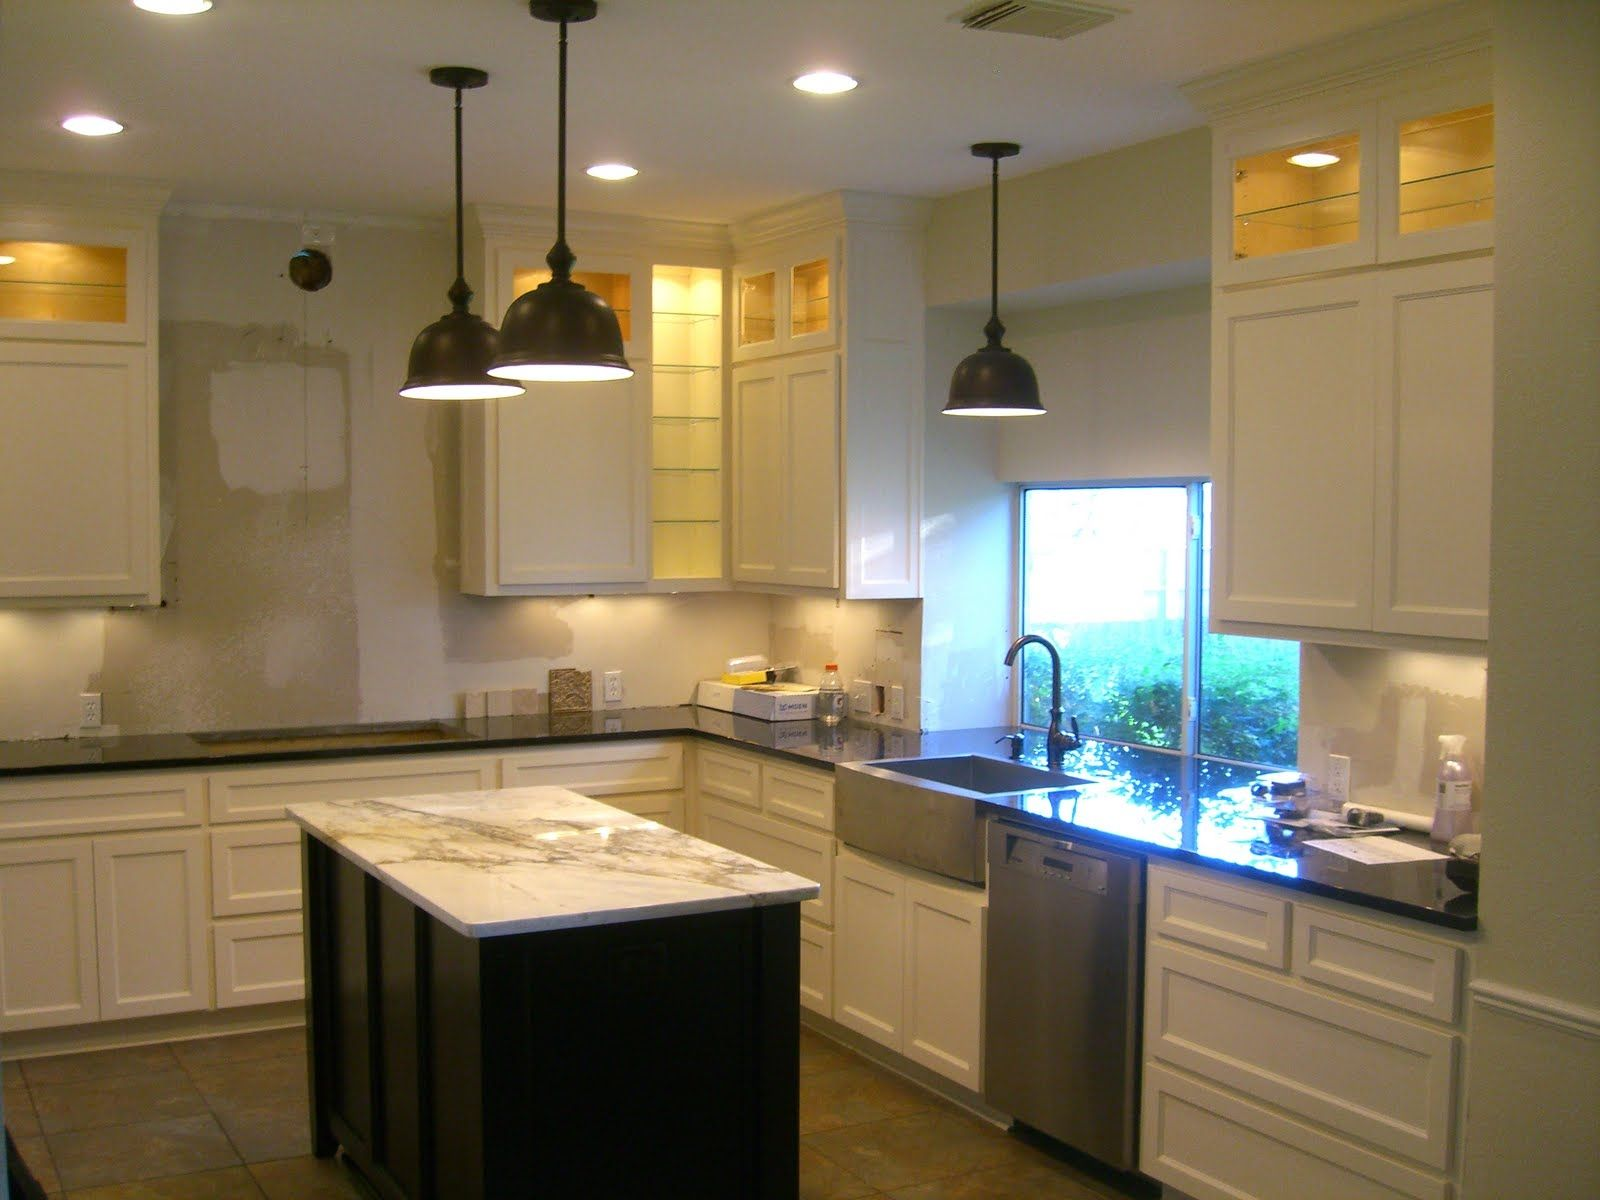 ceiling lights for kitchen island   http://sinhvienthienan